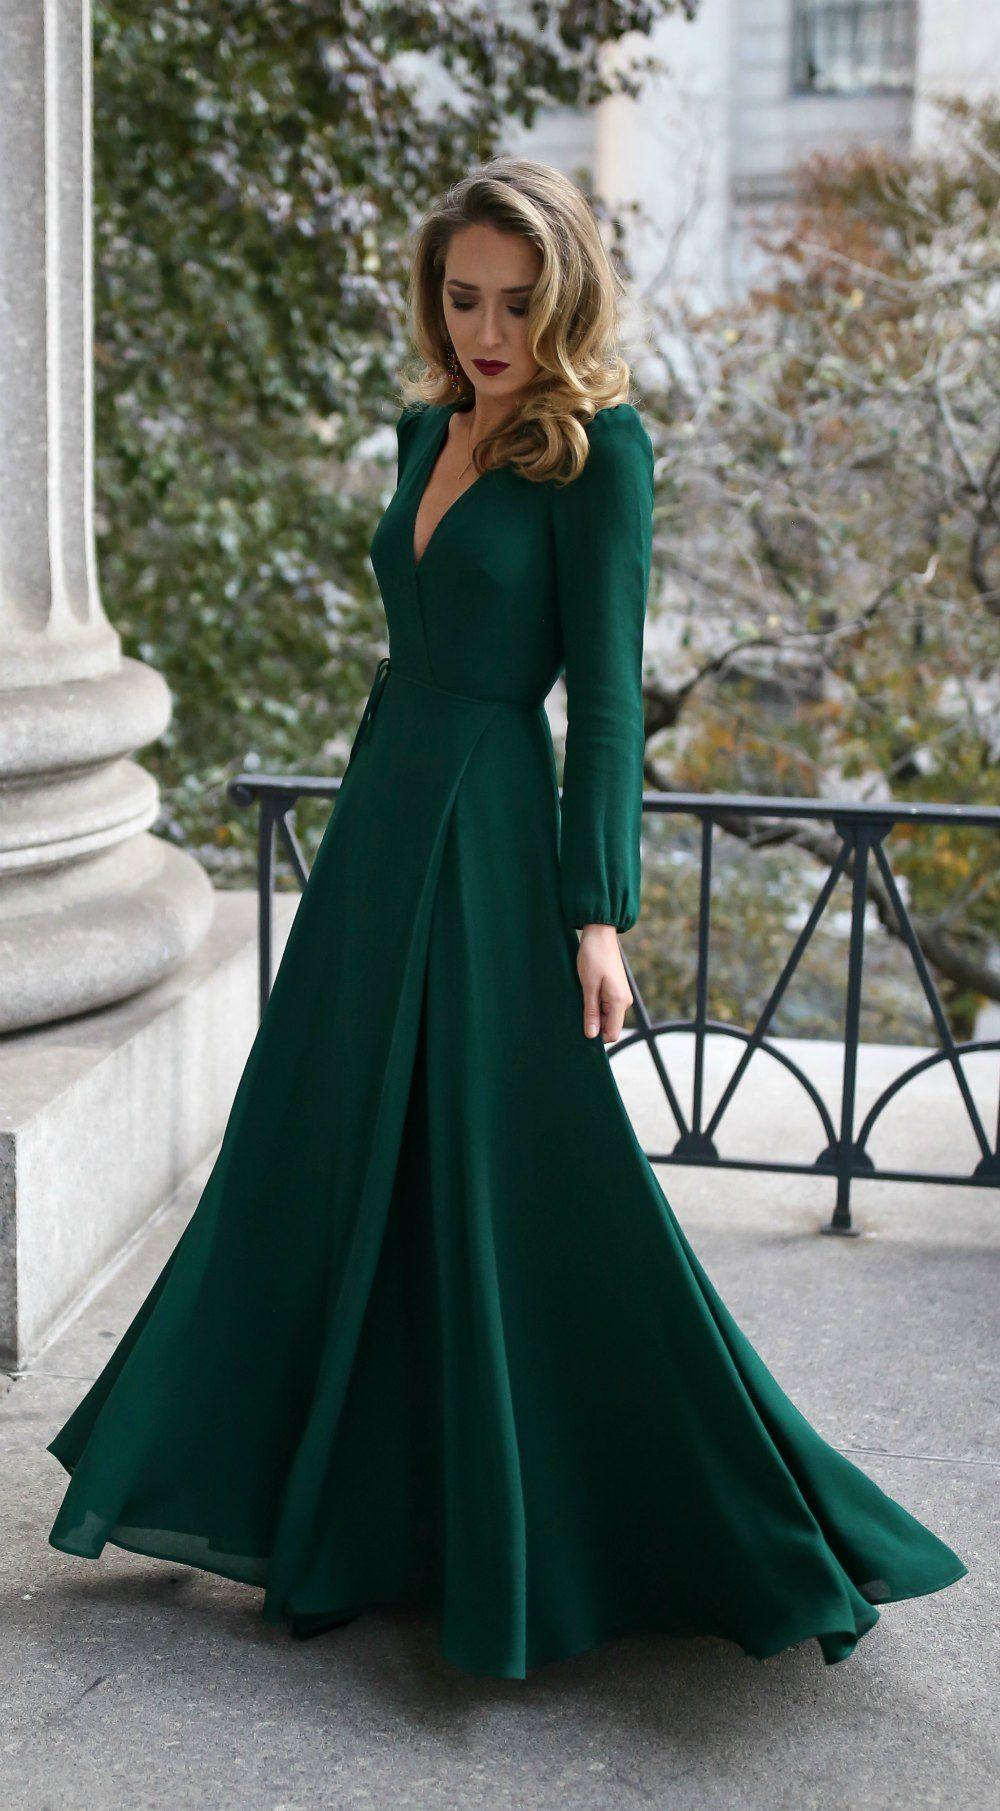 17 Schön Zara Kleider Abend für 201910 Genial Zara Kleider Abend Spezialgebiet